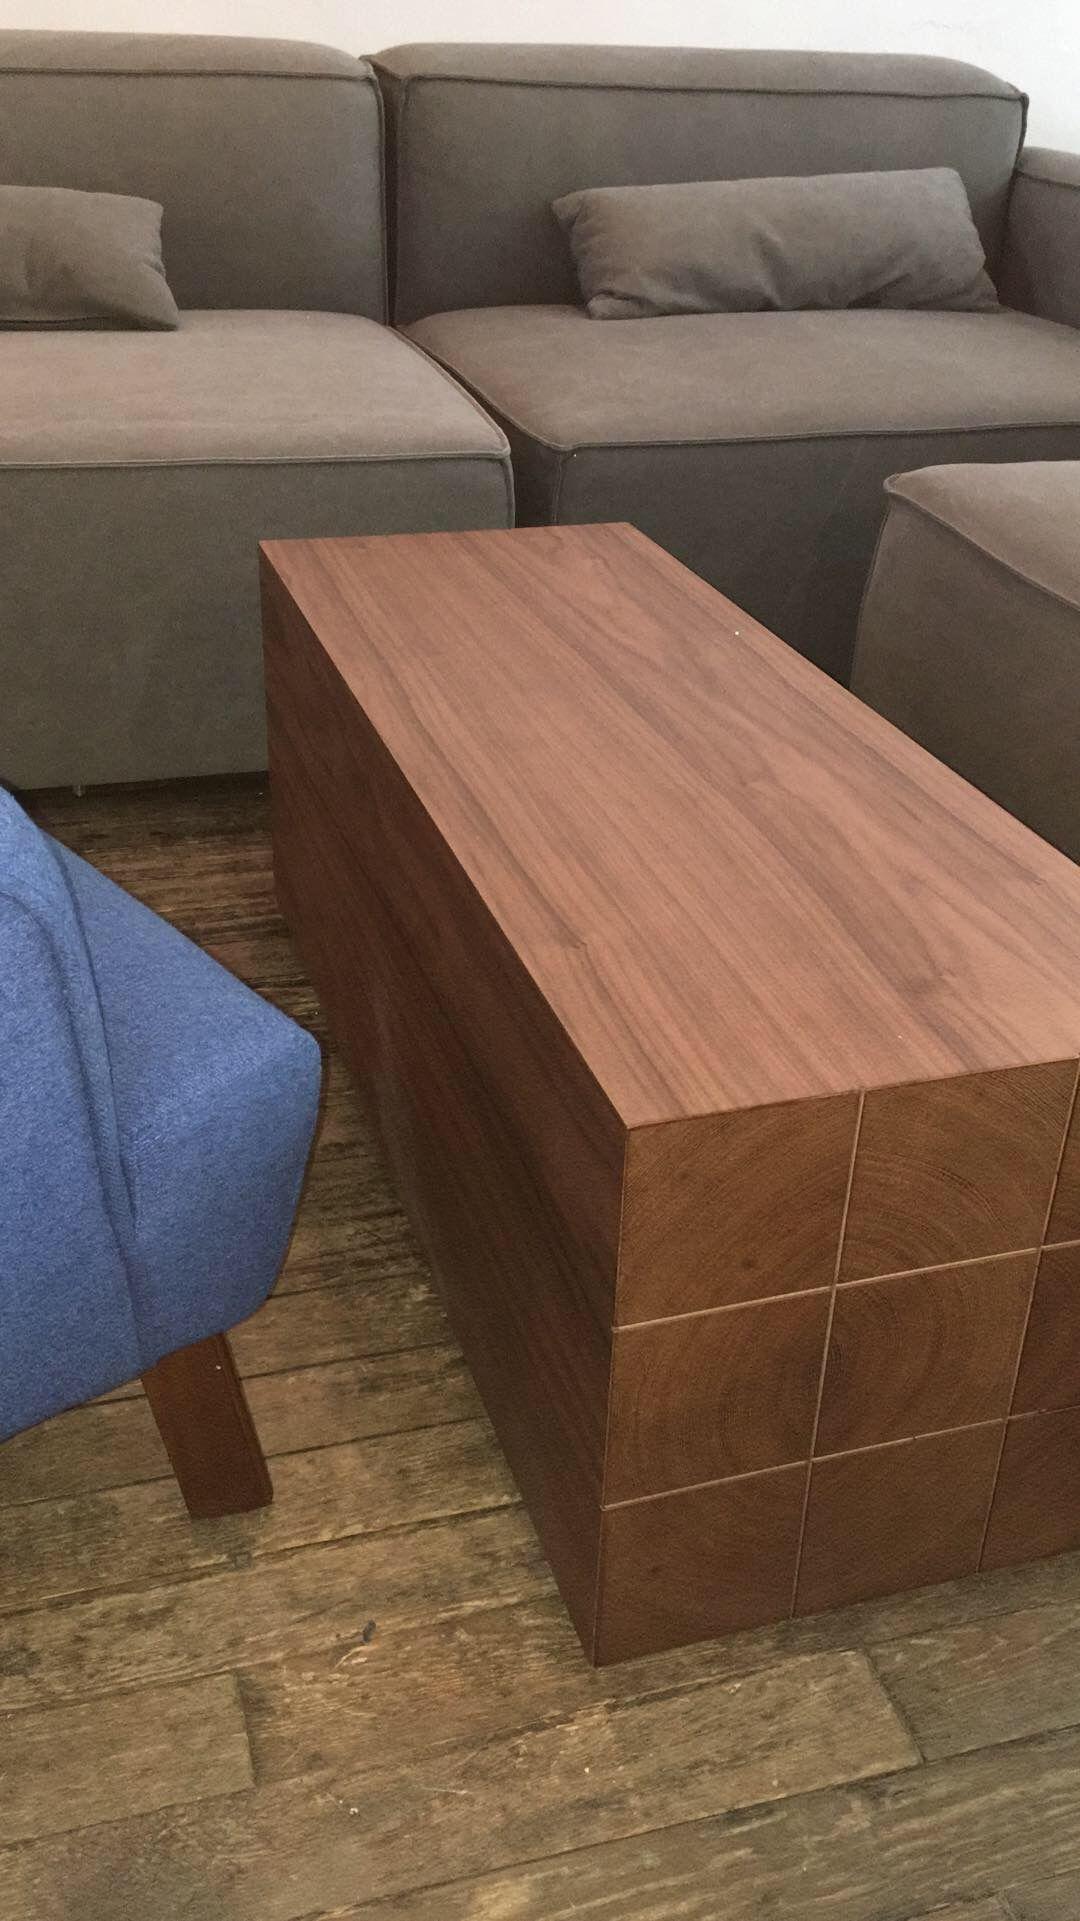 Mix Modular Block Table Coffee Table Modular Coffee Table Block Table [ 1921 x 1080 Pixel ]